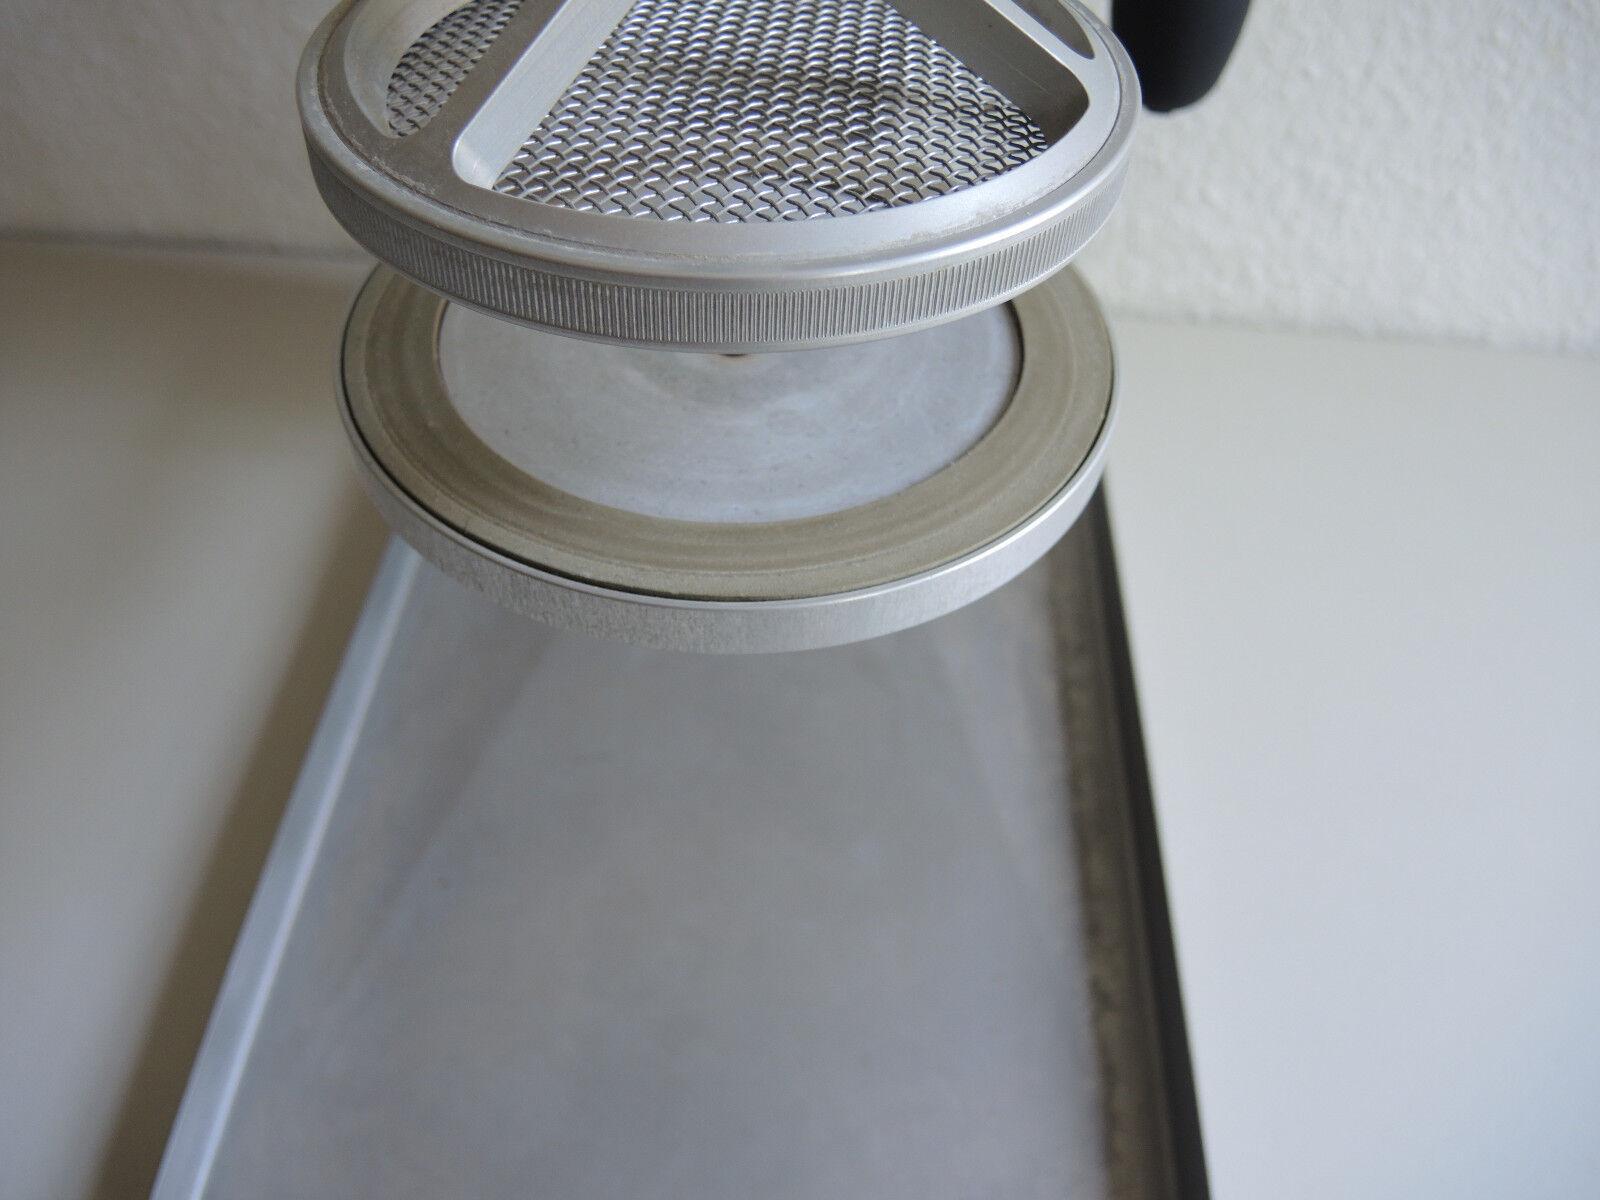 Prüfgerät für die die die Wasserdichtigkeit von Textilien, wasserfest, Sonderanfertigung 7c32fe